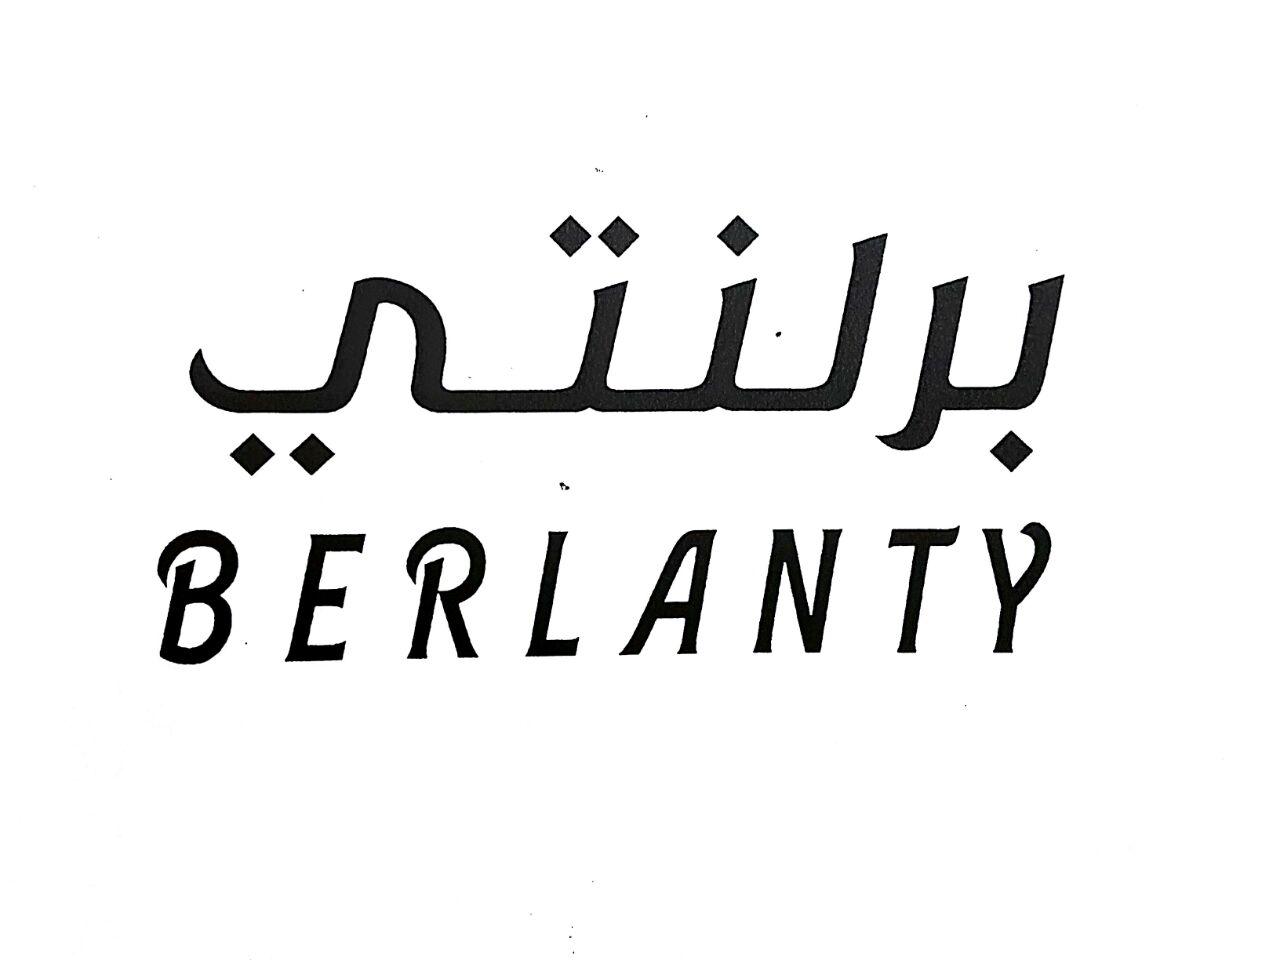 Berlanty